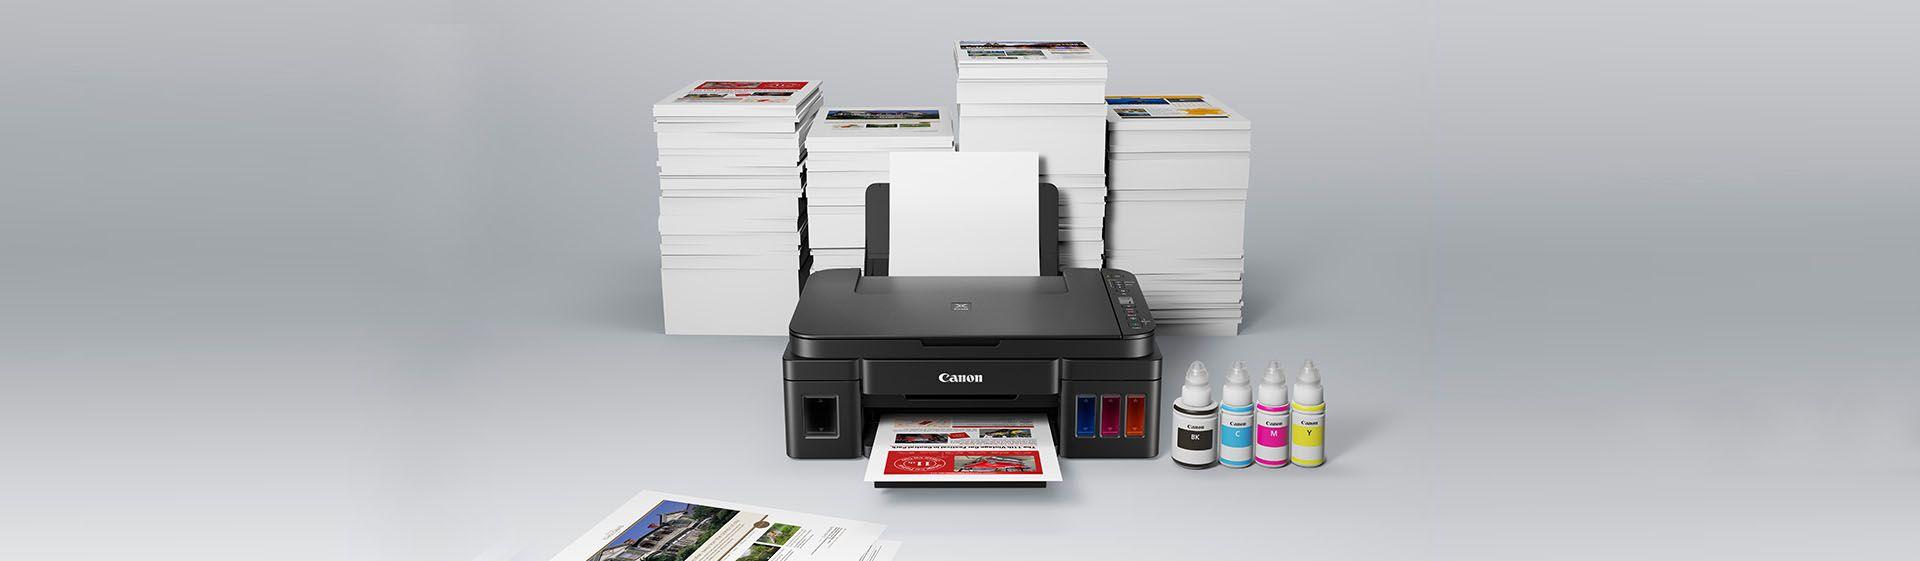 Melhor impressora tanque de tinta em 2020: 6 modelos para comprar